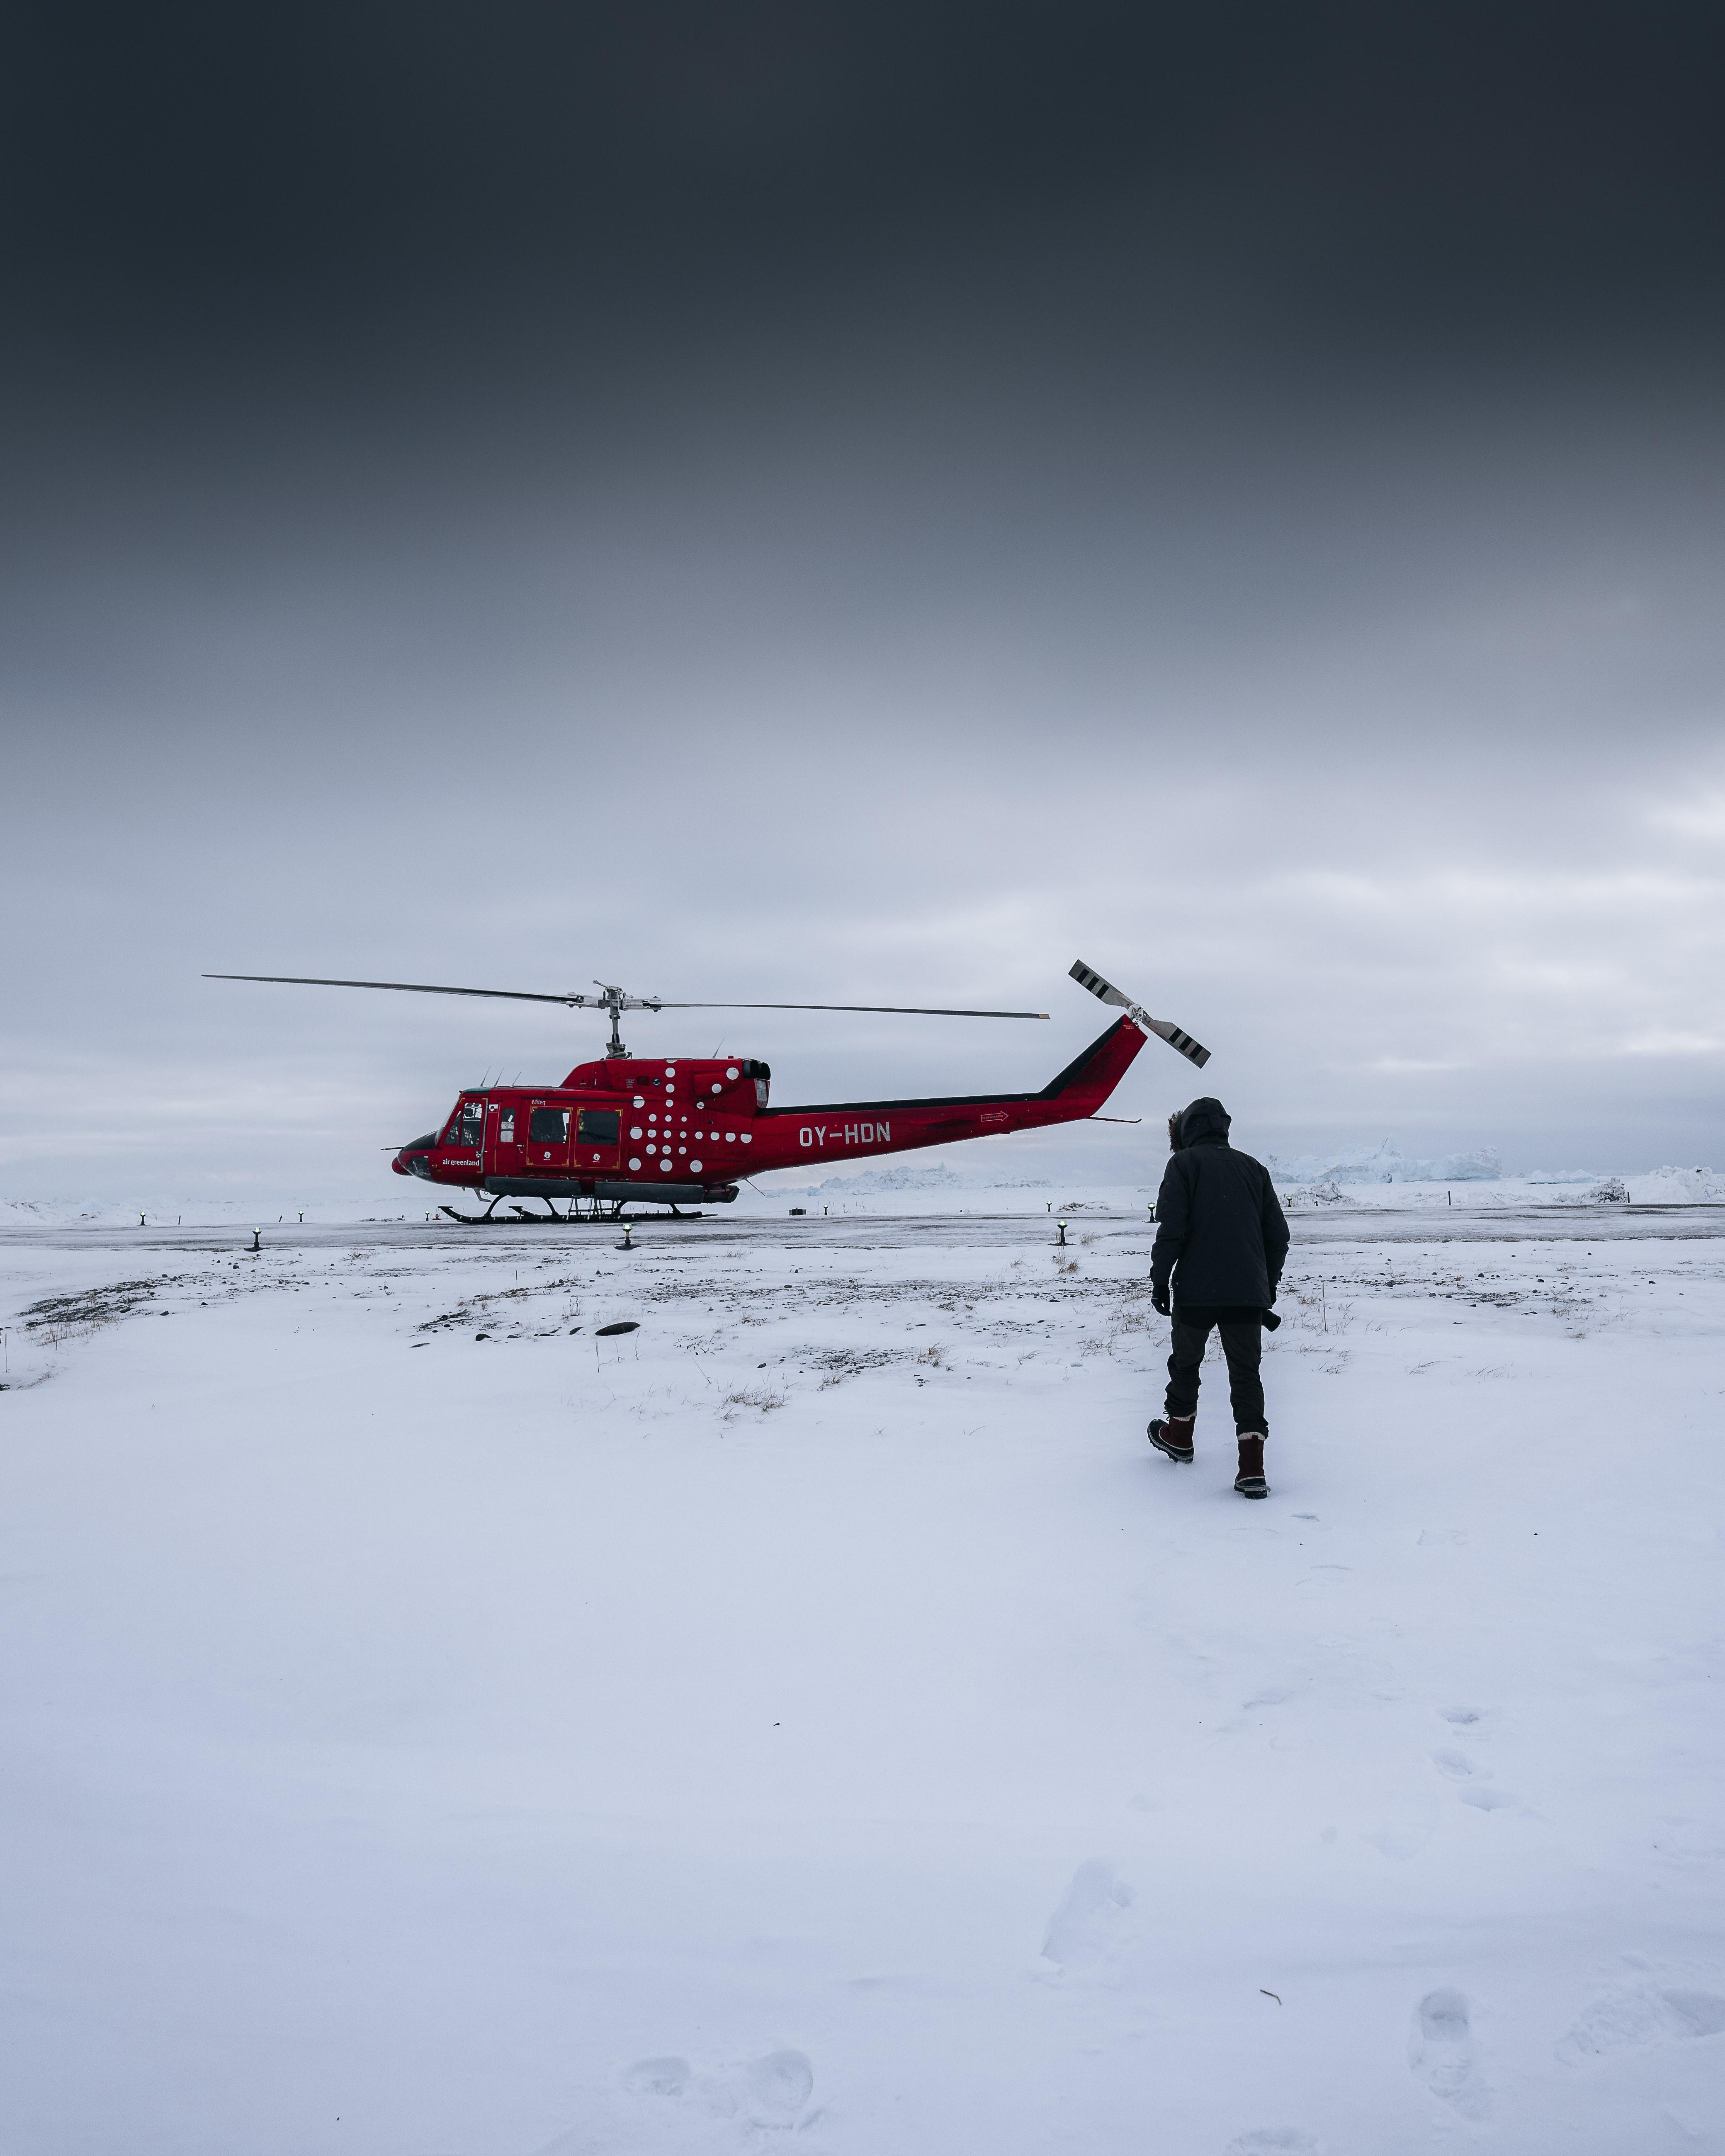 57308 Hintergrundbild herunterladen Winterreifen, Schnee, Hubschrauber, Verschiedenes, Sonstige, Mensch, Person - Bildschirmschoner und Bilder kostenlos